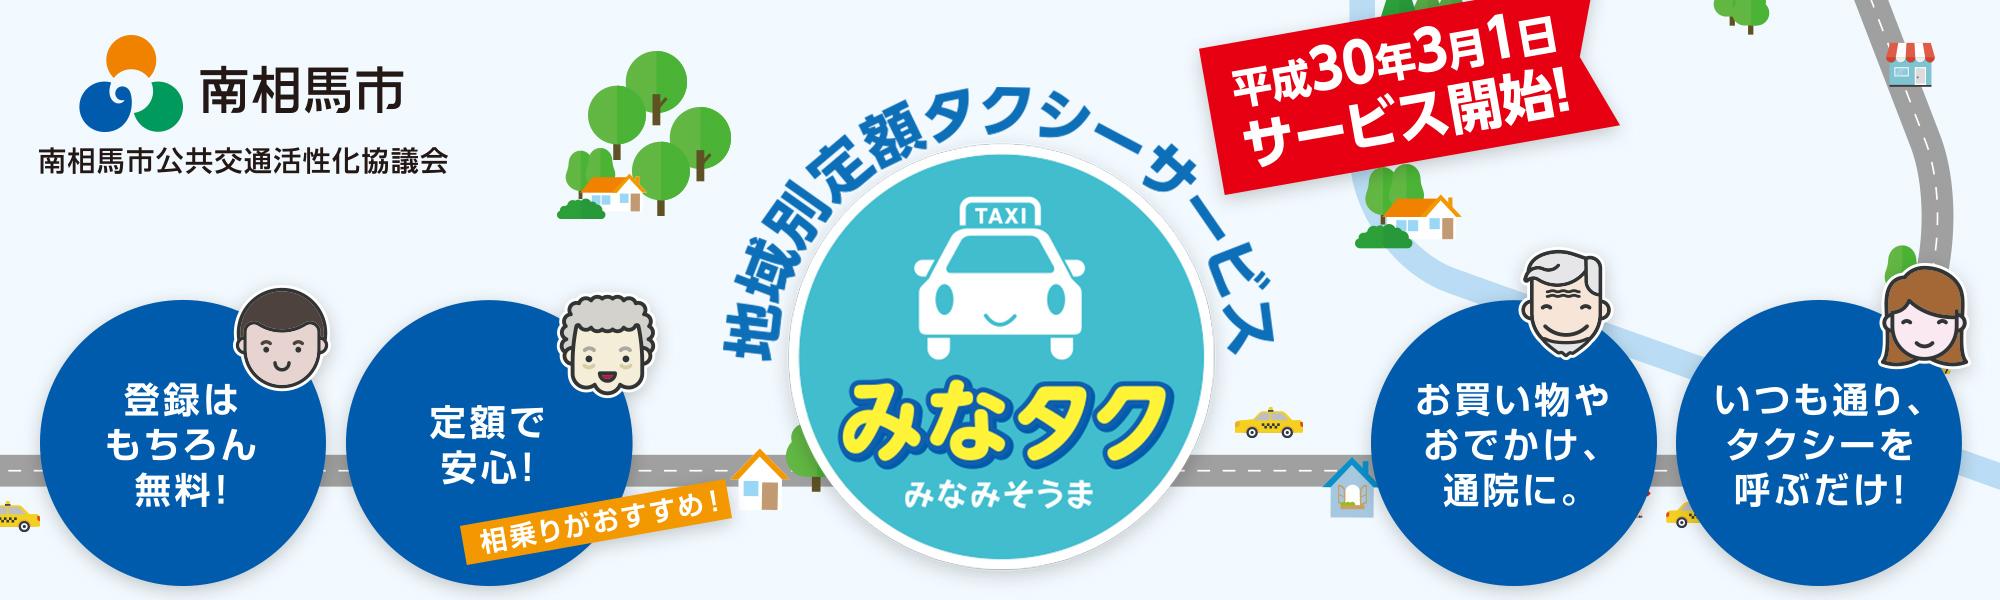 地域別定額タクシーサービス「みなタク」